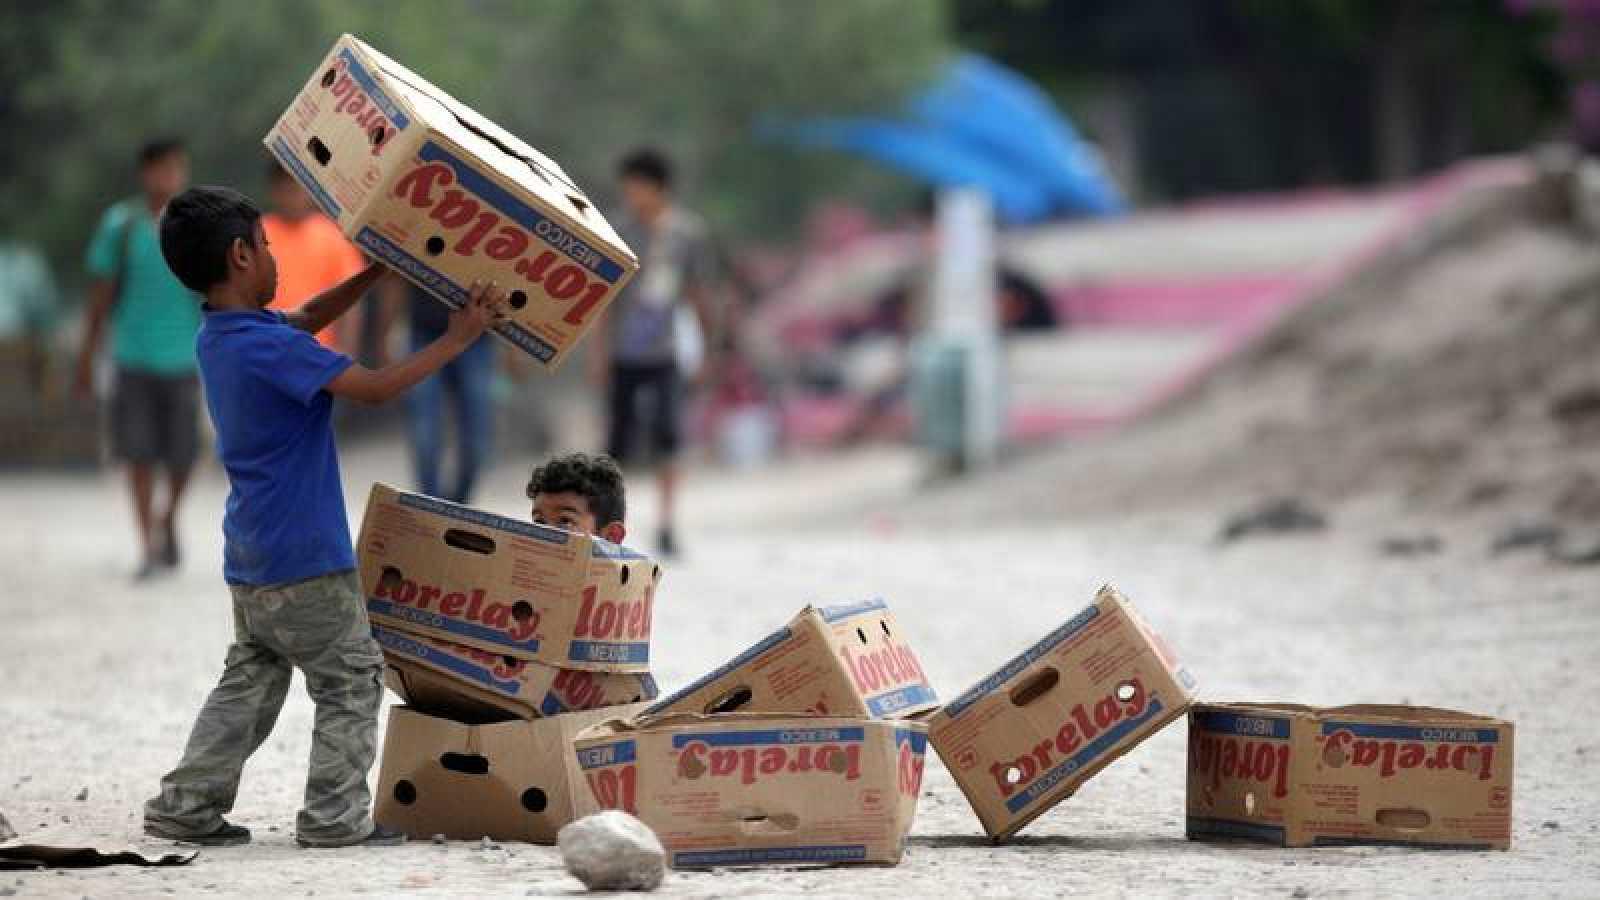 La ONU advierte de que las consecuencias de la pandemia no afectarán de manera equitativa a los niños del mundo